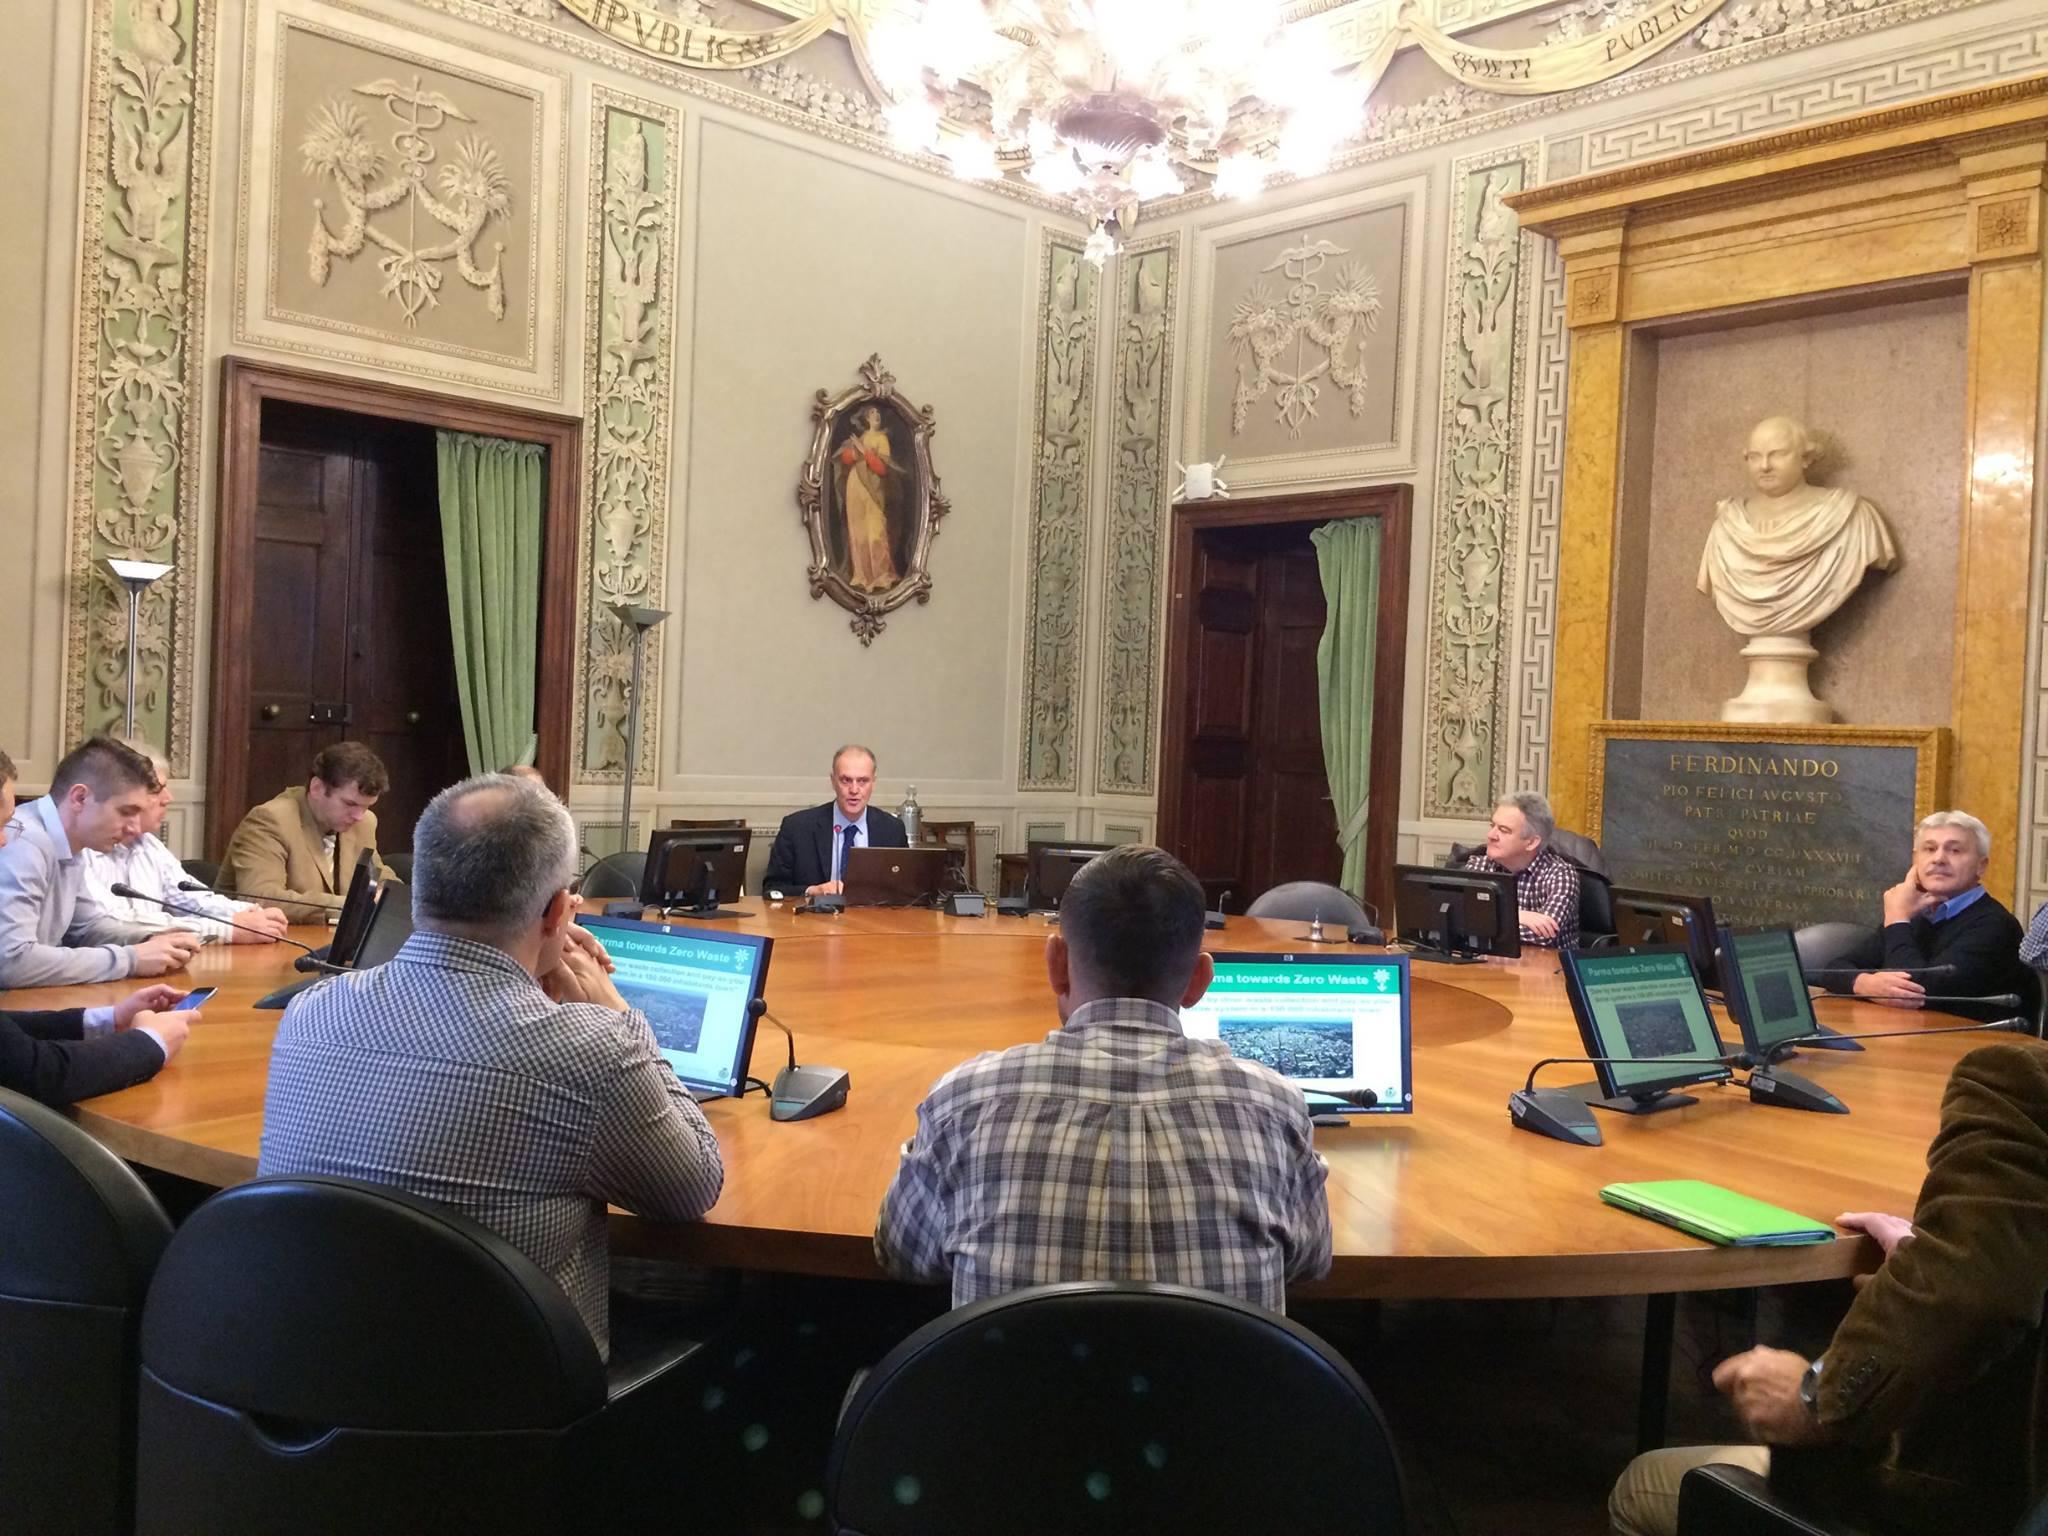 Orașul Parma care și-a redus deșeurile incinerate și aruncate la groapă cu peste 50%, un model pentru Oradea